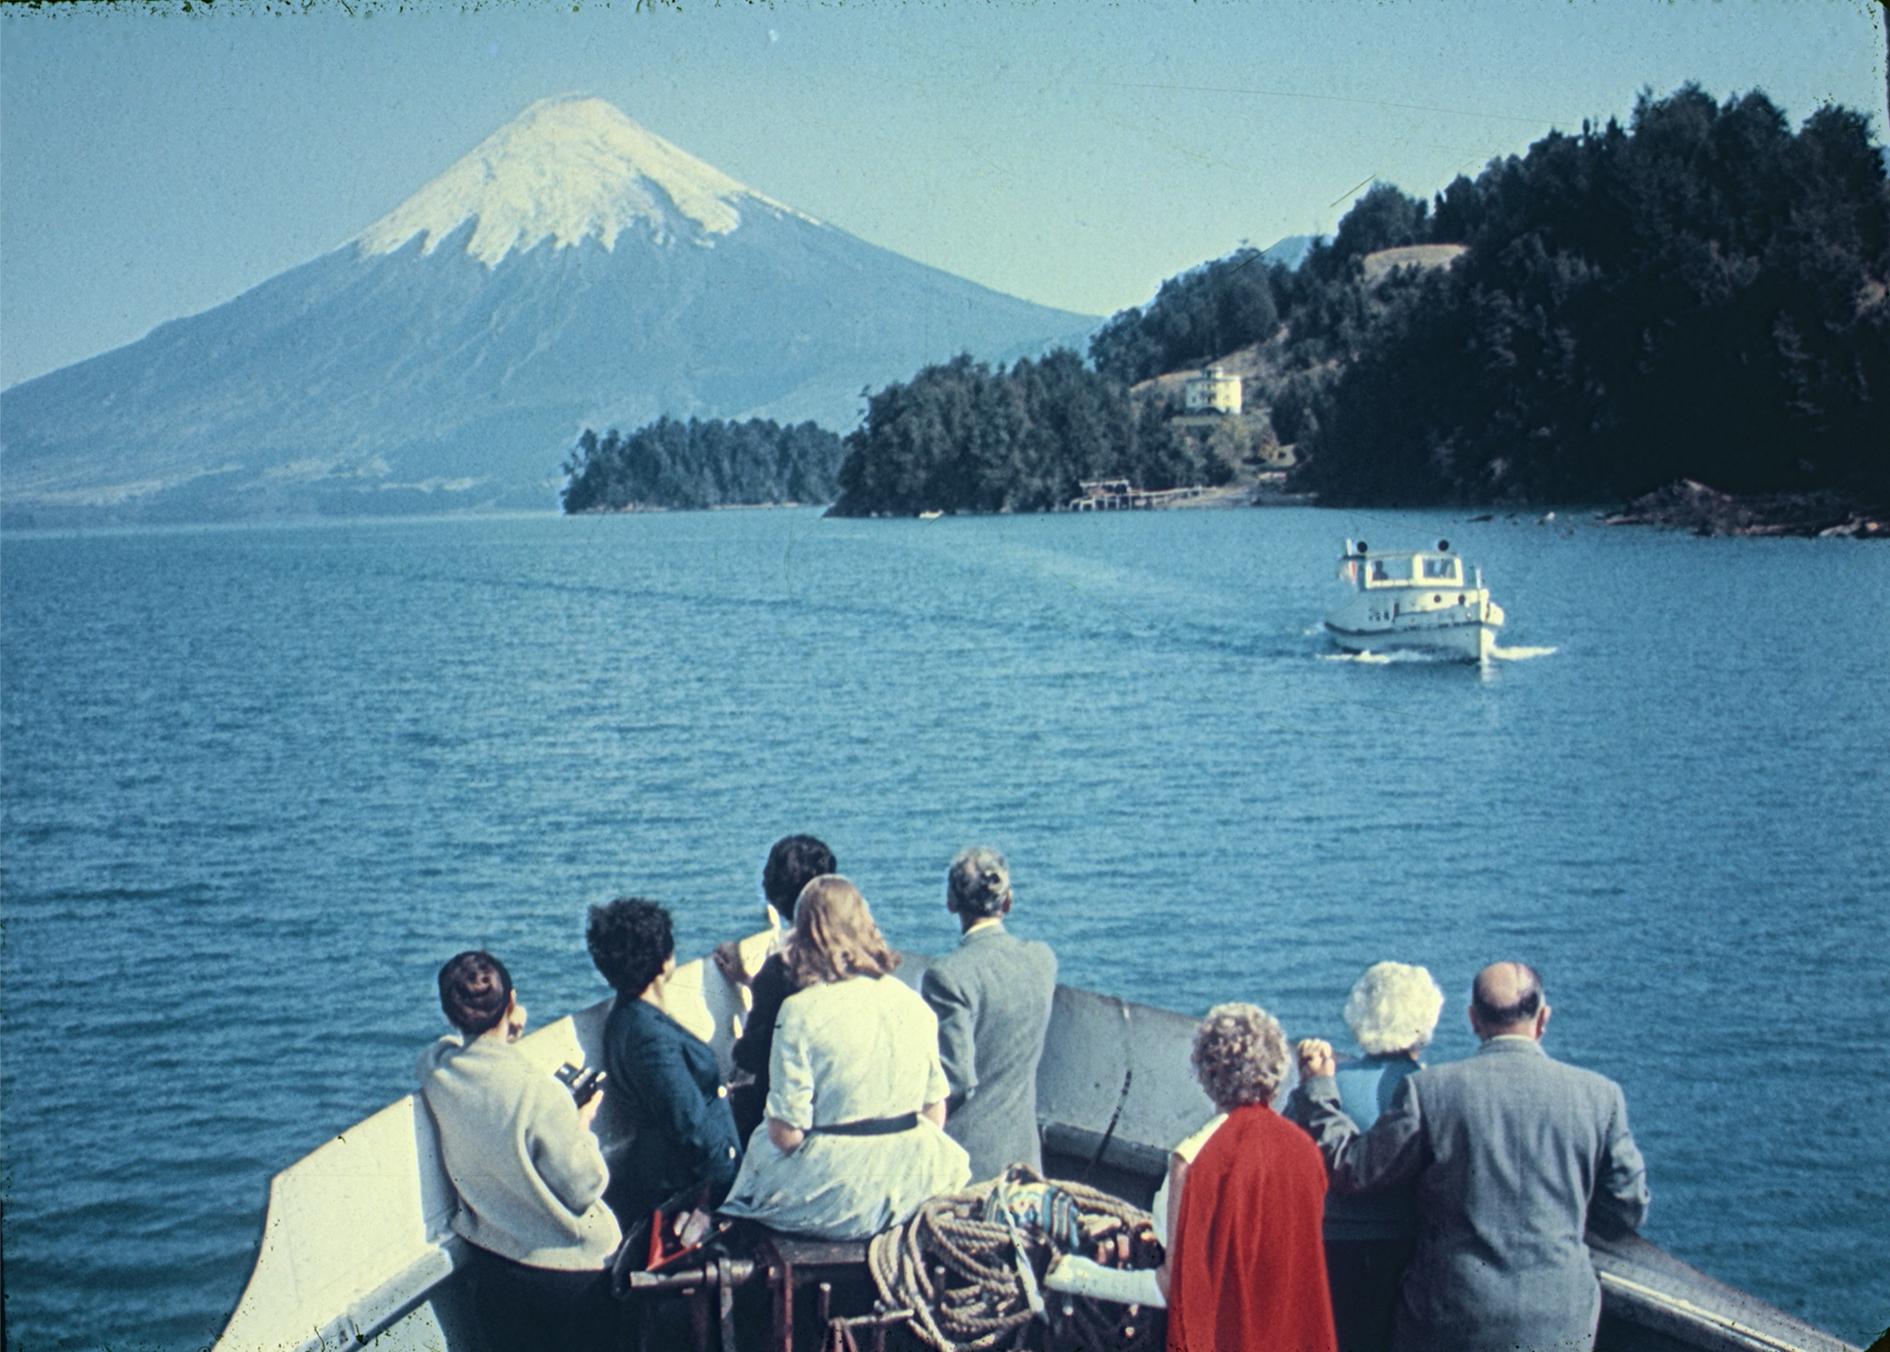 Enterreno - Fotos históricas de chile - fotos antiguas de Chile - Lago de Todos los Santos, 1960s